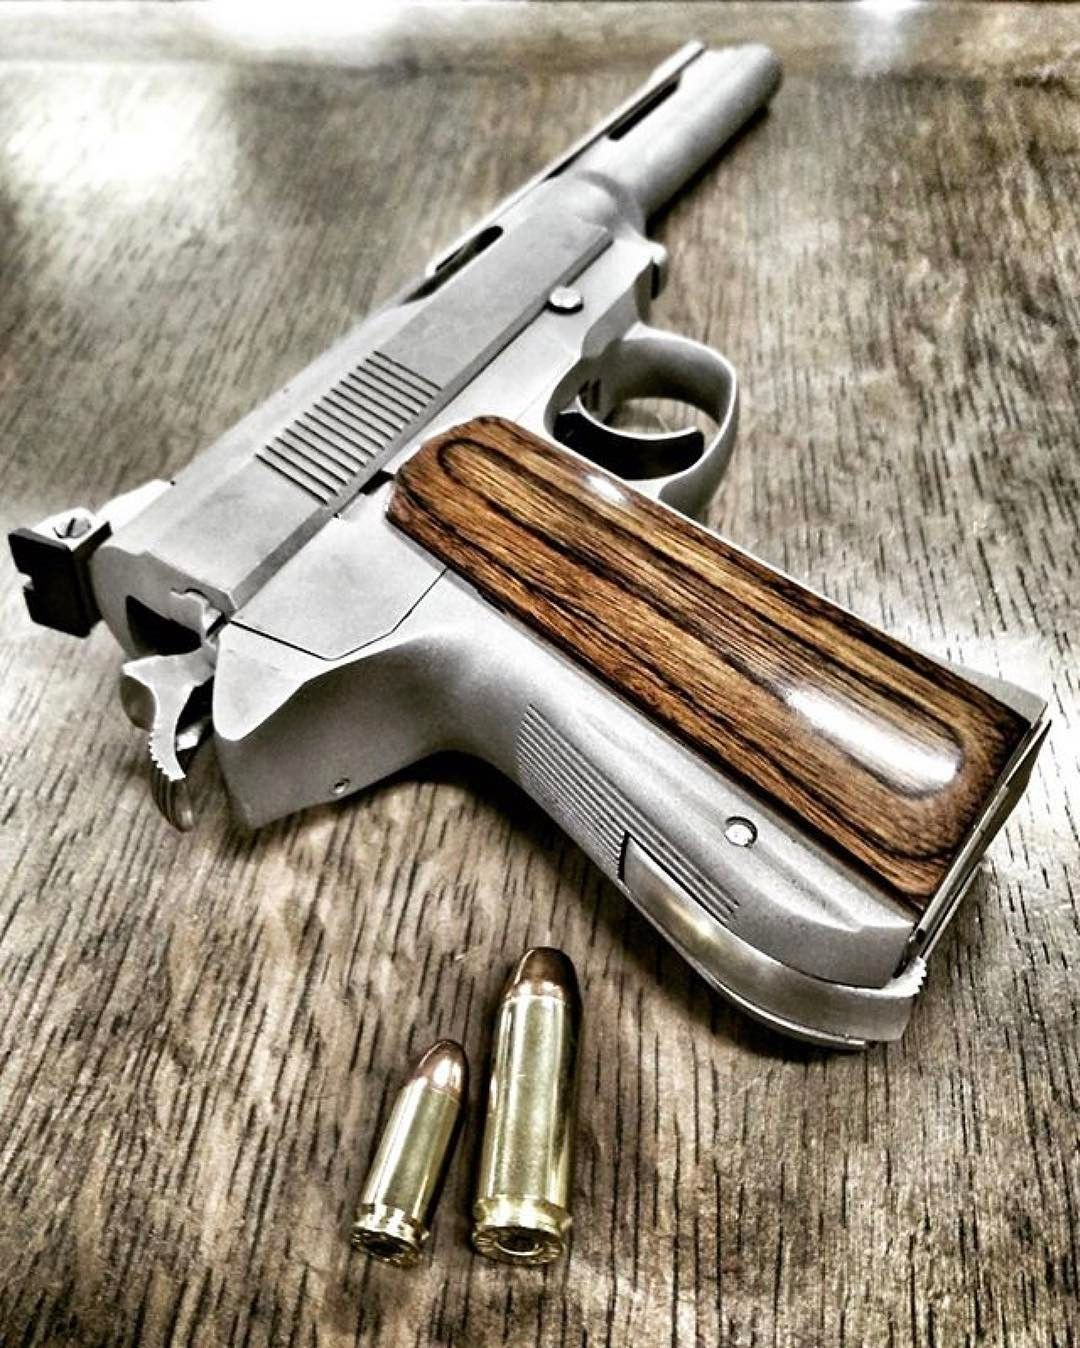 Via Readygunner 475 Wildey Magnum Next To 9x19 Hand Guns Guns Guns Bullet